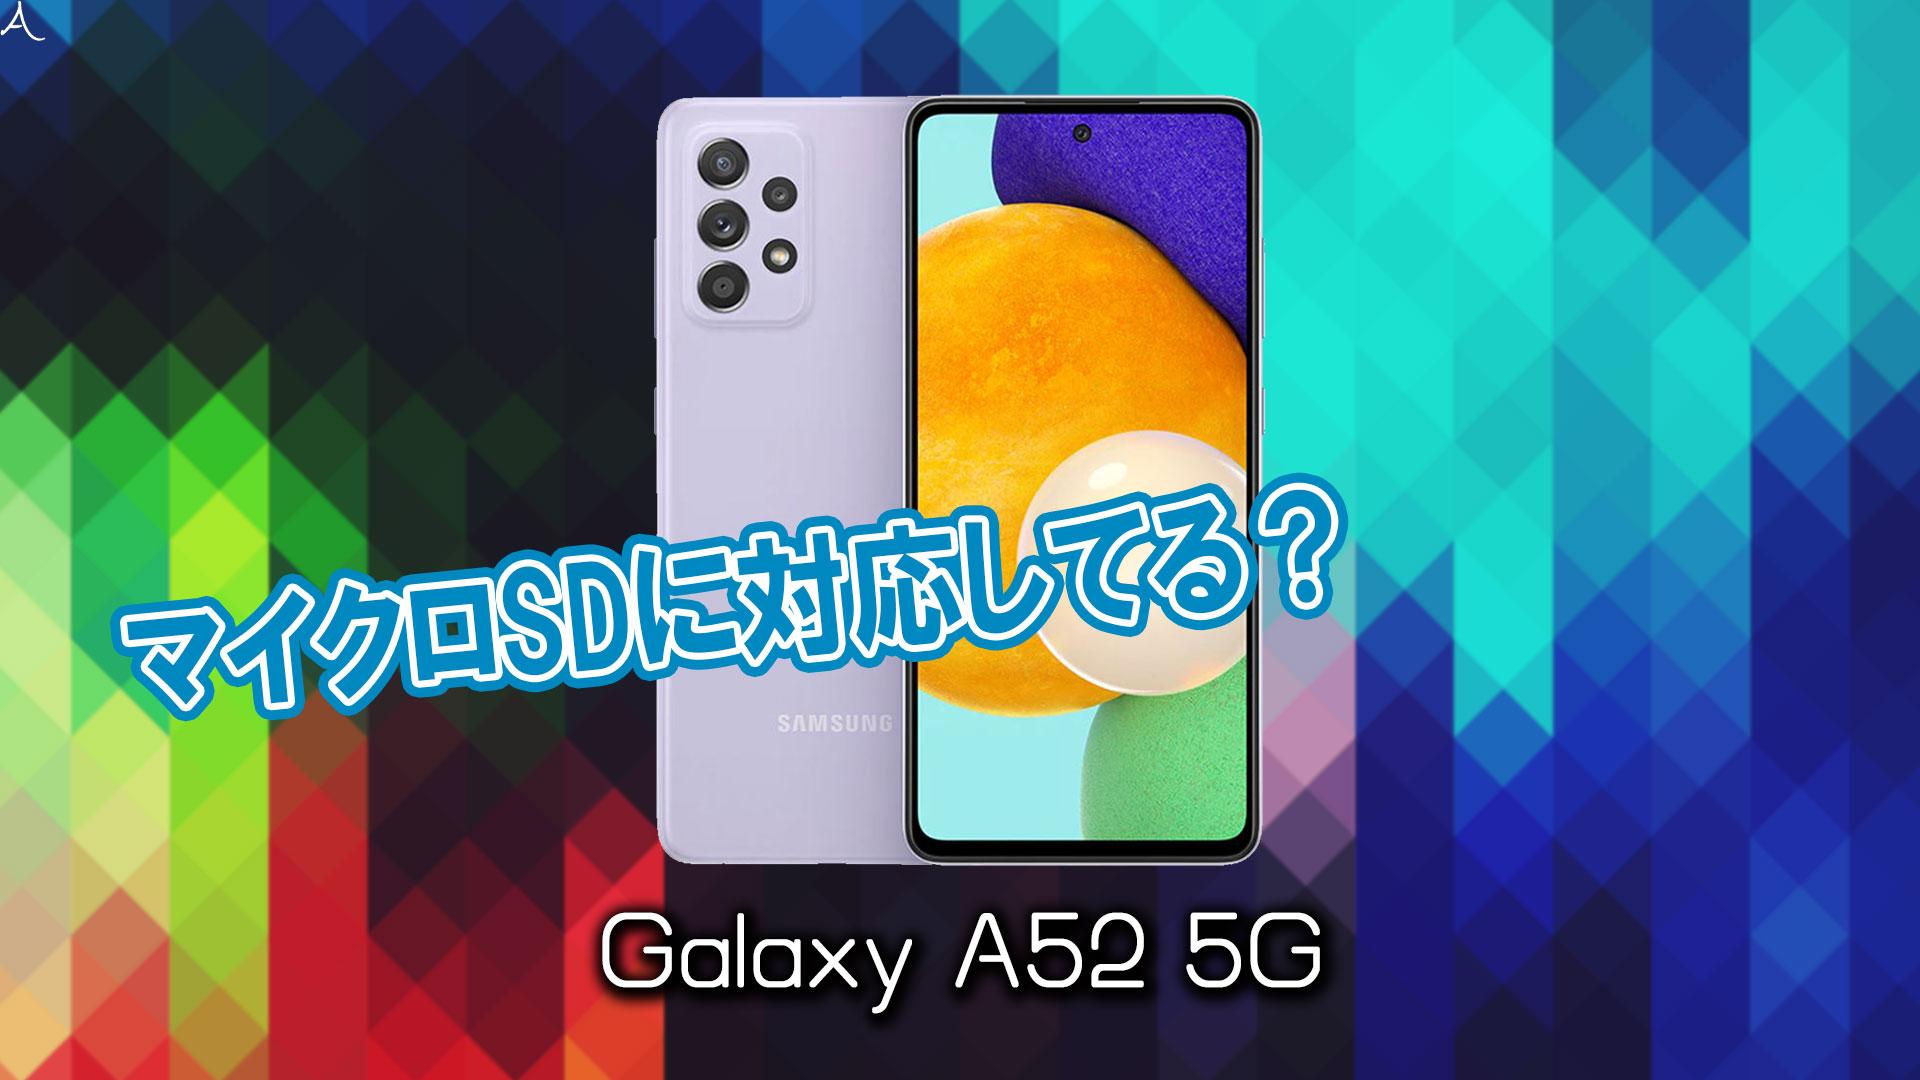 「Galaxy A52 5G」はマイクロSDに対応してる?おすすめカードと正しい選び方